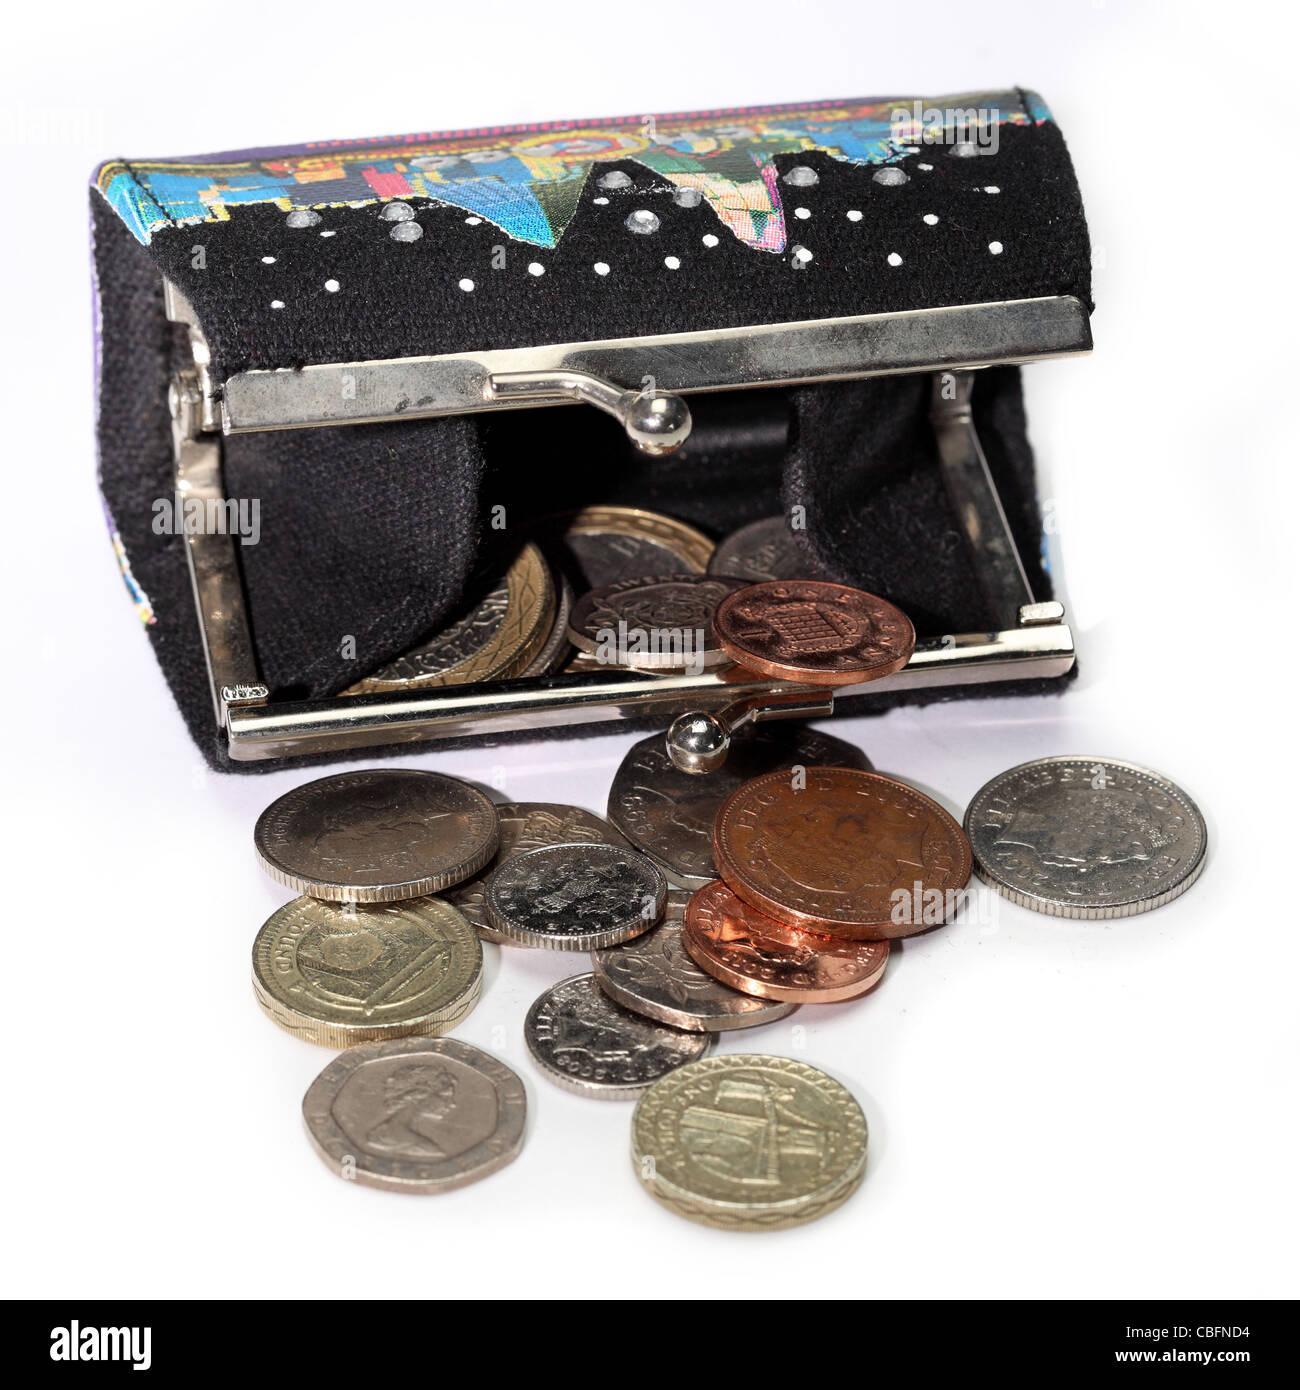 9b3b5d2ce0 Borsa di denaro contante in valuta delle monete in euro Foto ...